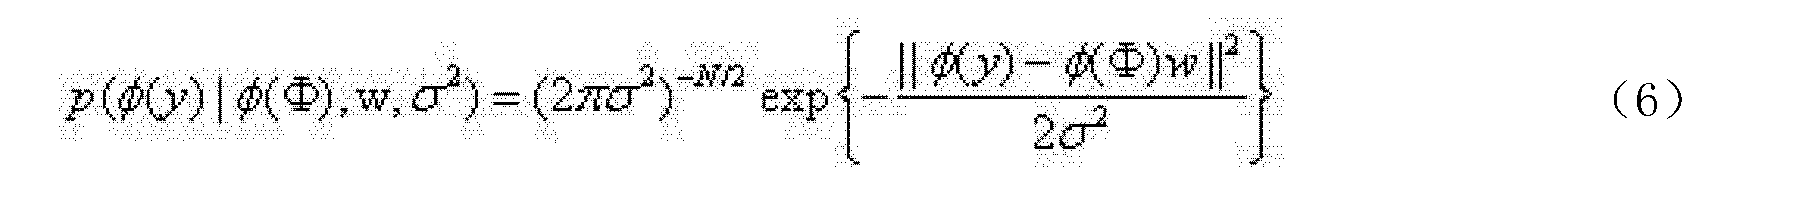 Figure CN104376311AC00025